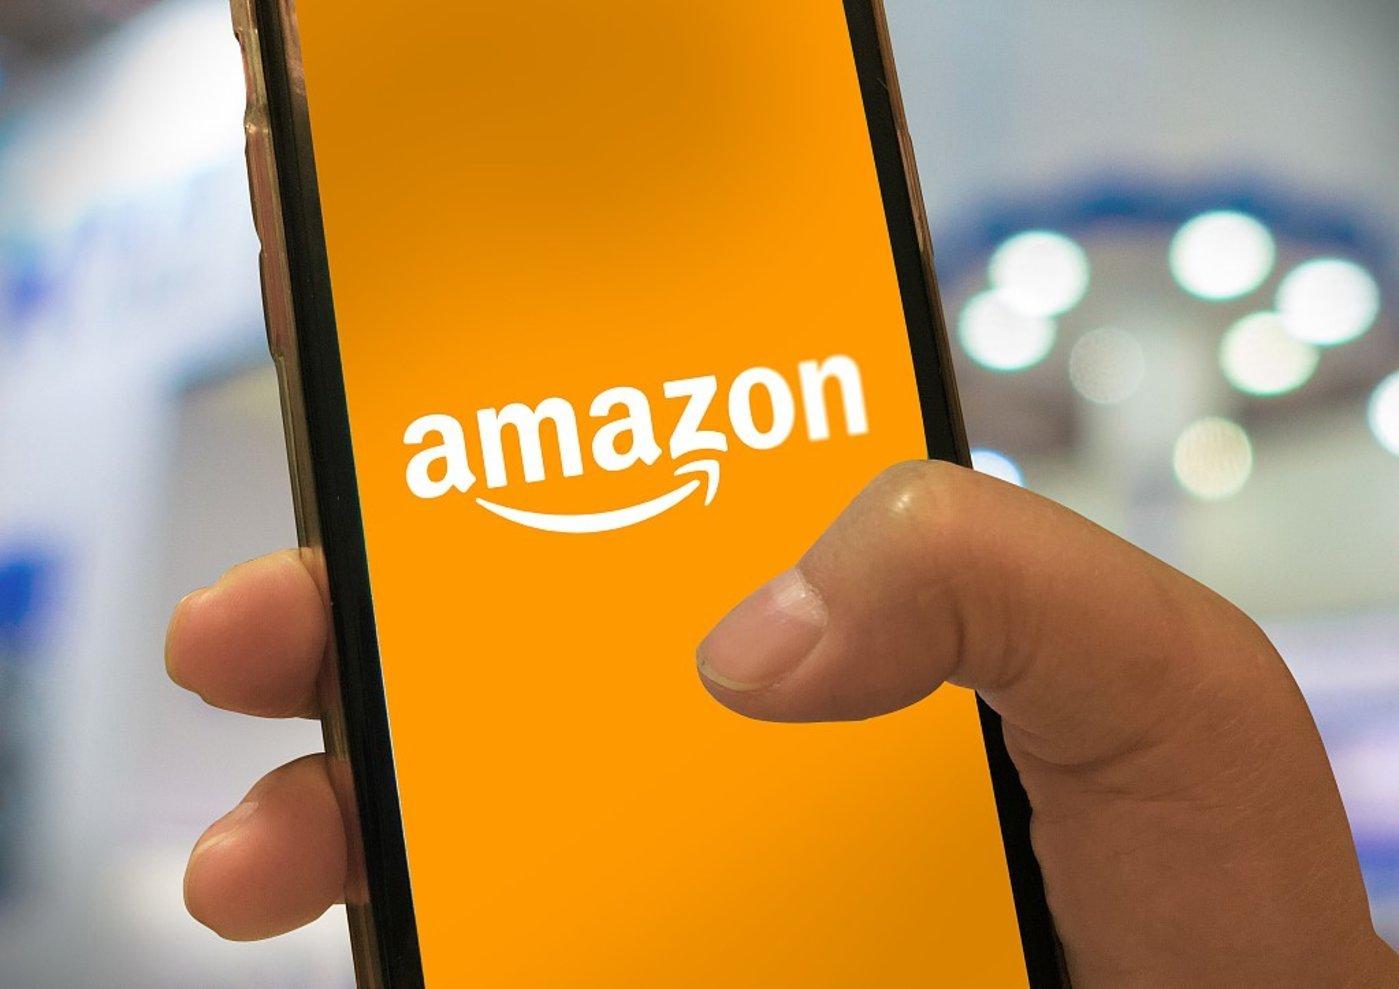 亚马逊:7月18日起将不再为中国卖家提供电商服务丨钛快讯